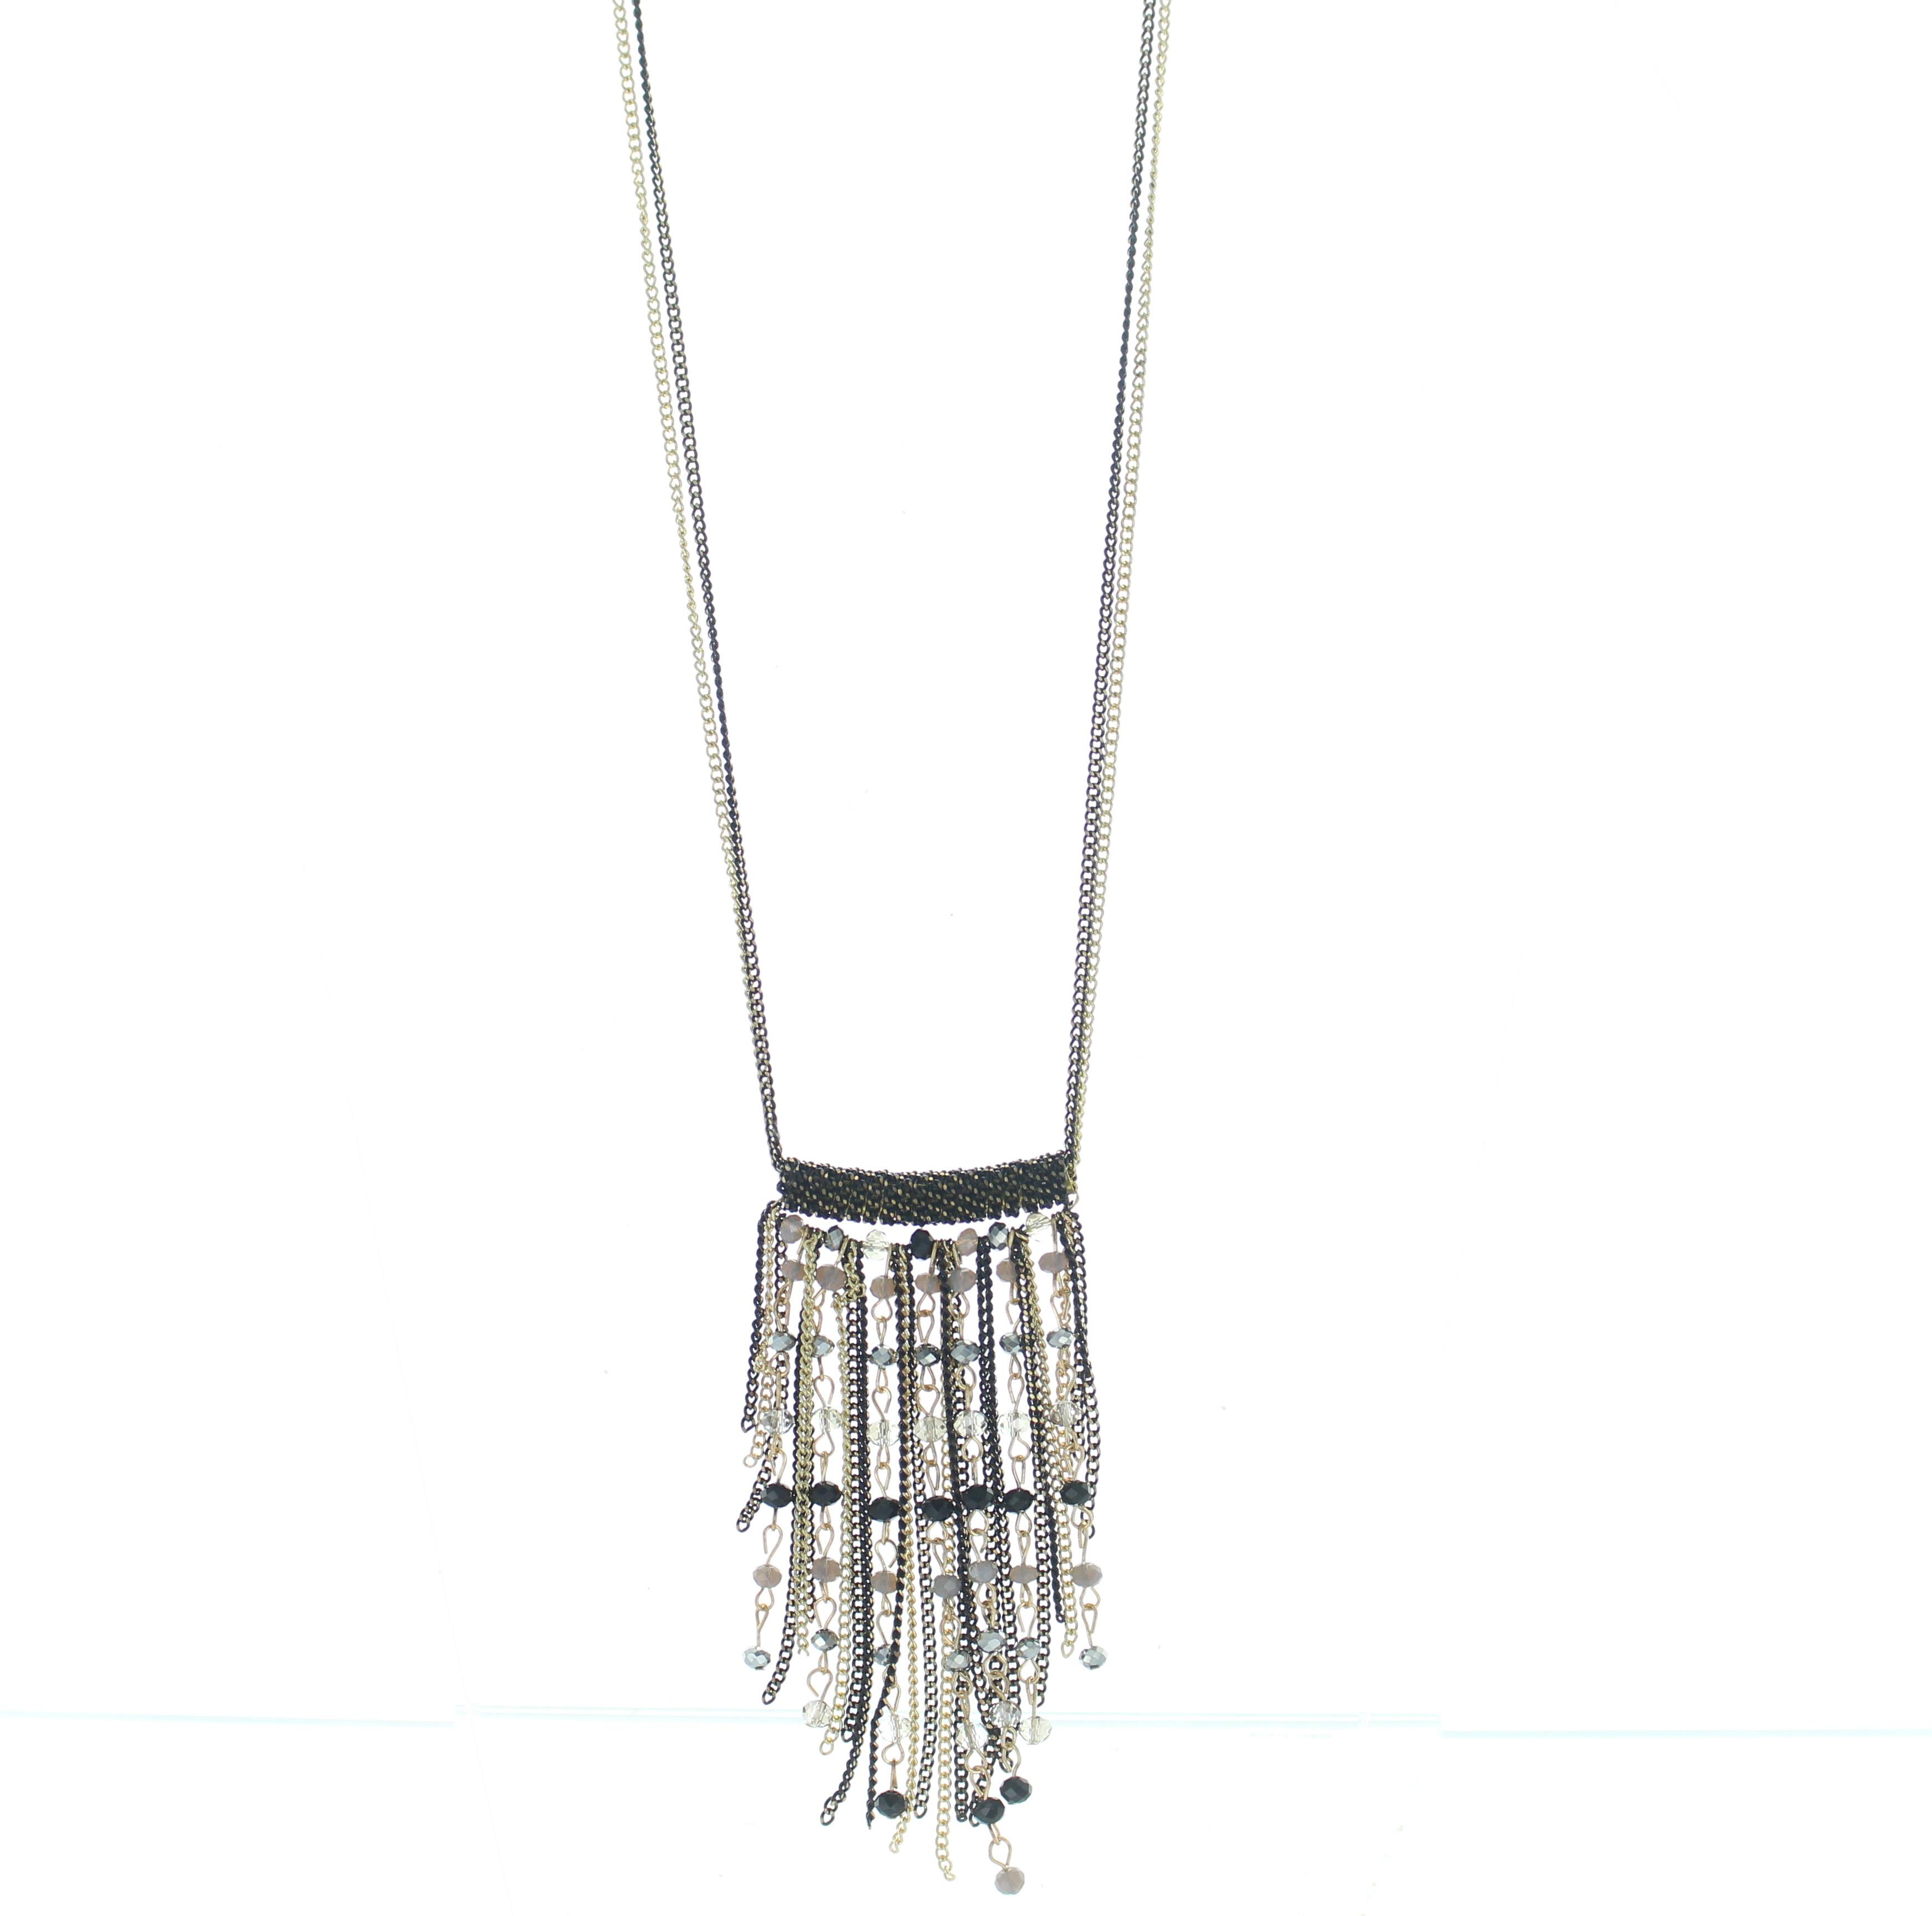 Long chandelier necklace fallcreekonline source long chandelier necklace best of everything online shopping aloadofball Gallery